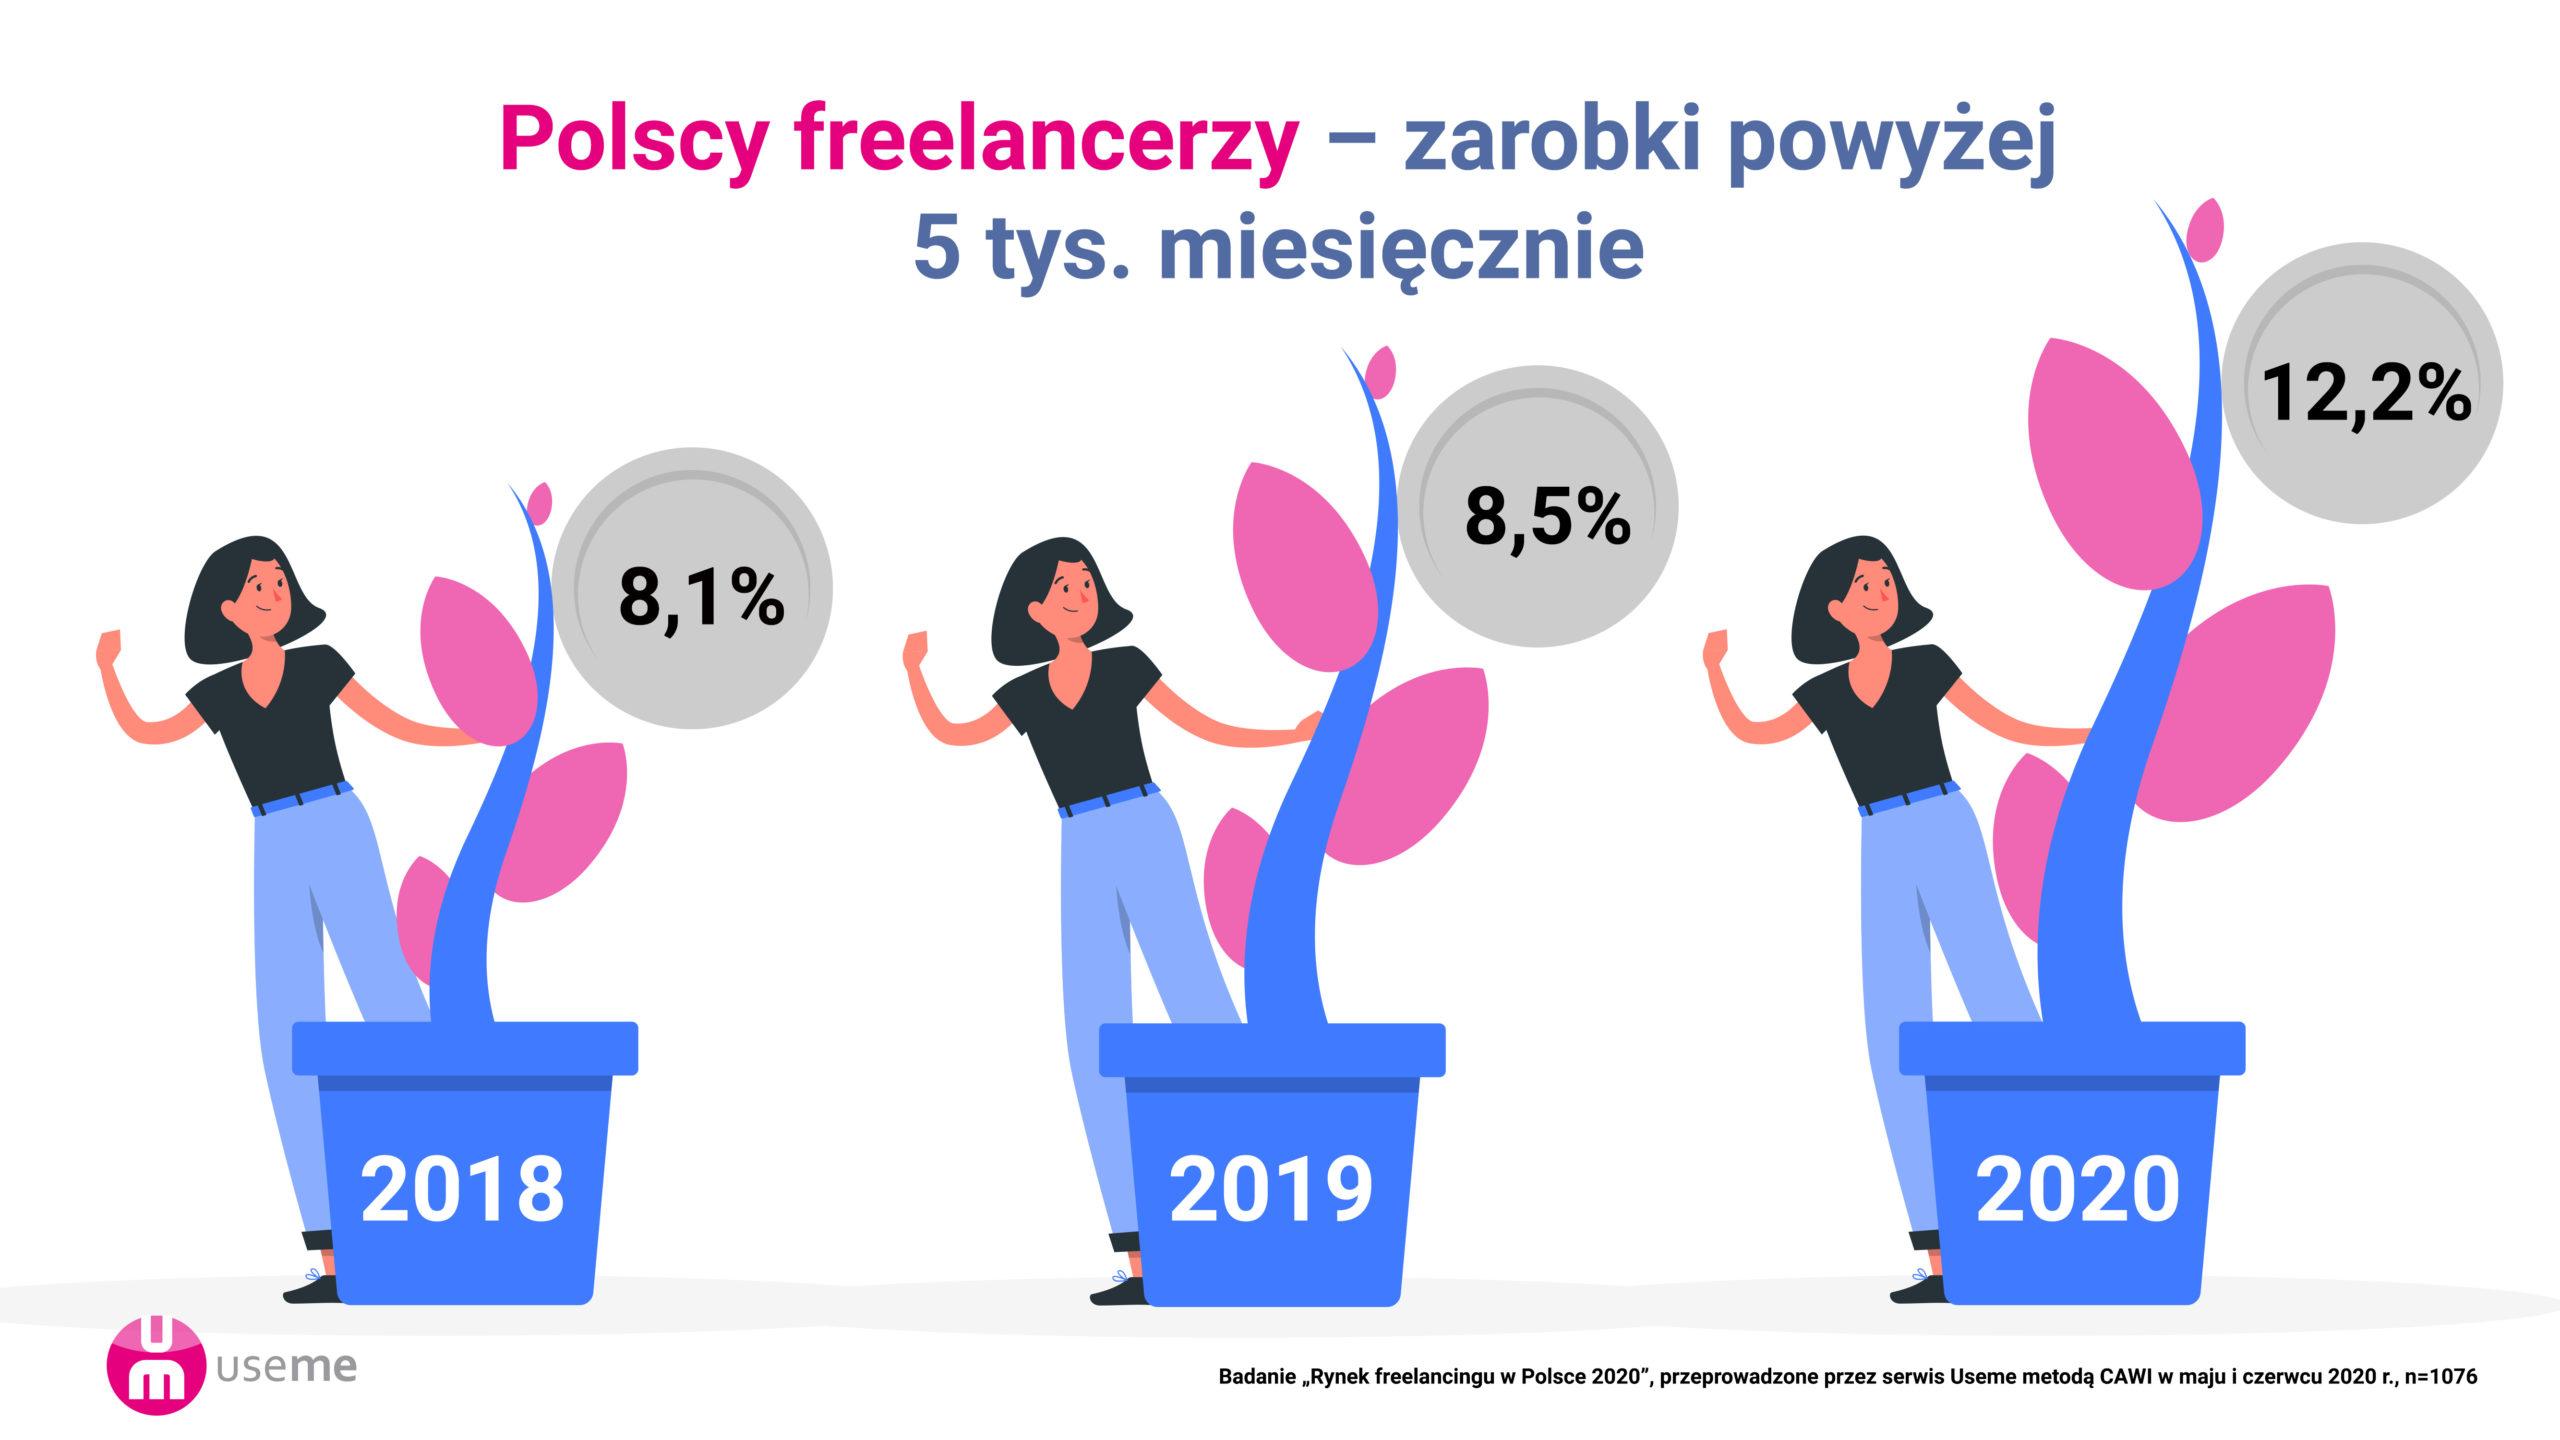 polscy freelancerzy